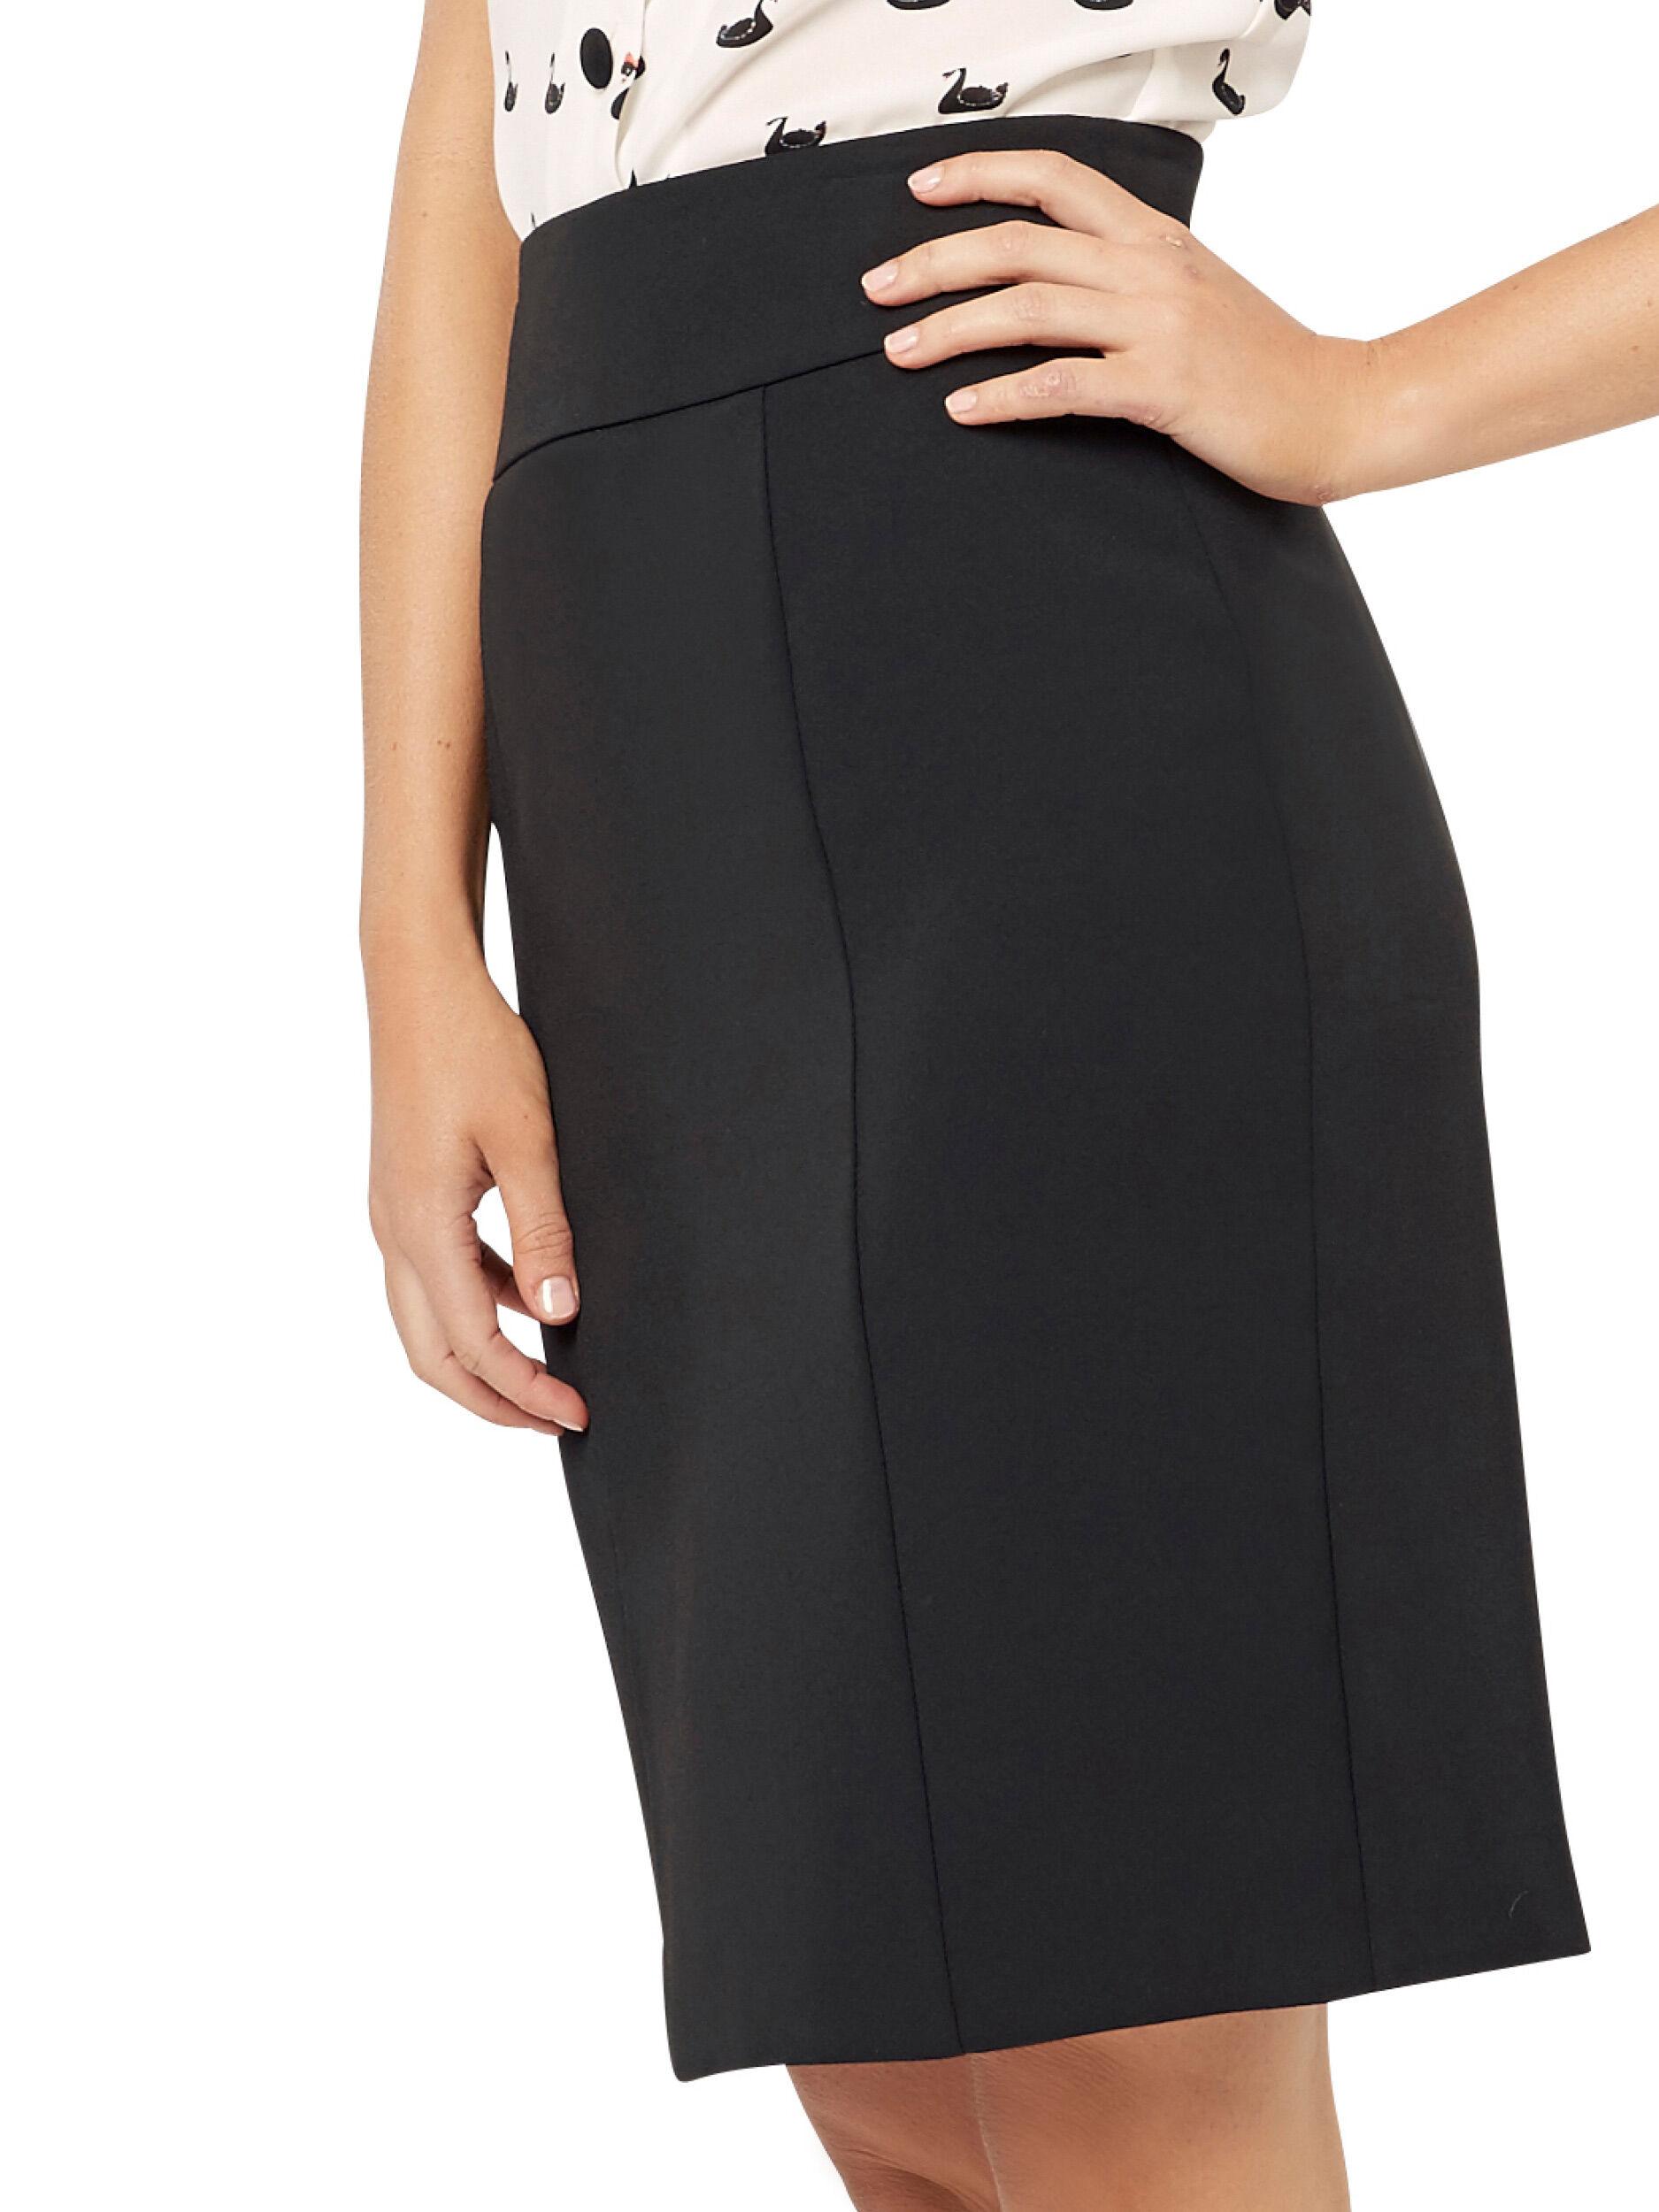 Turner Skirt